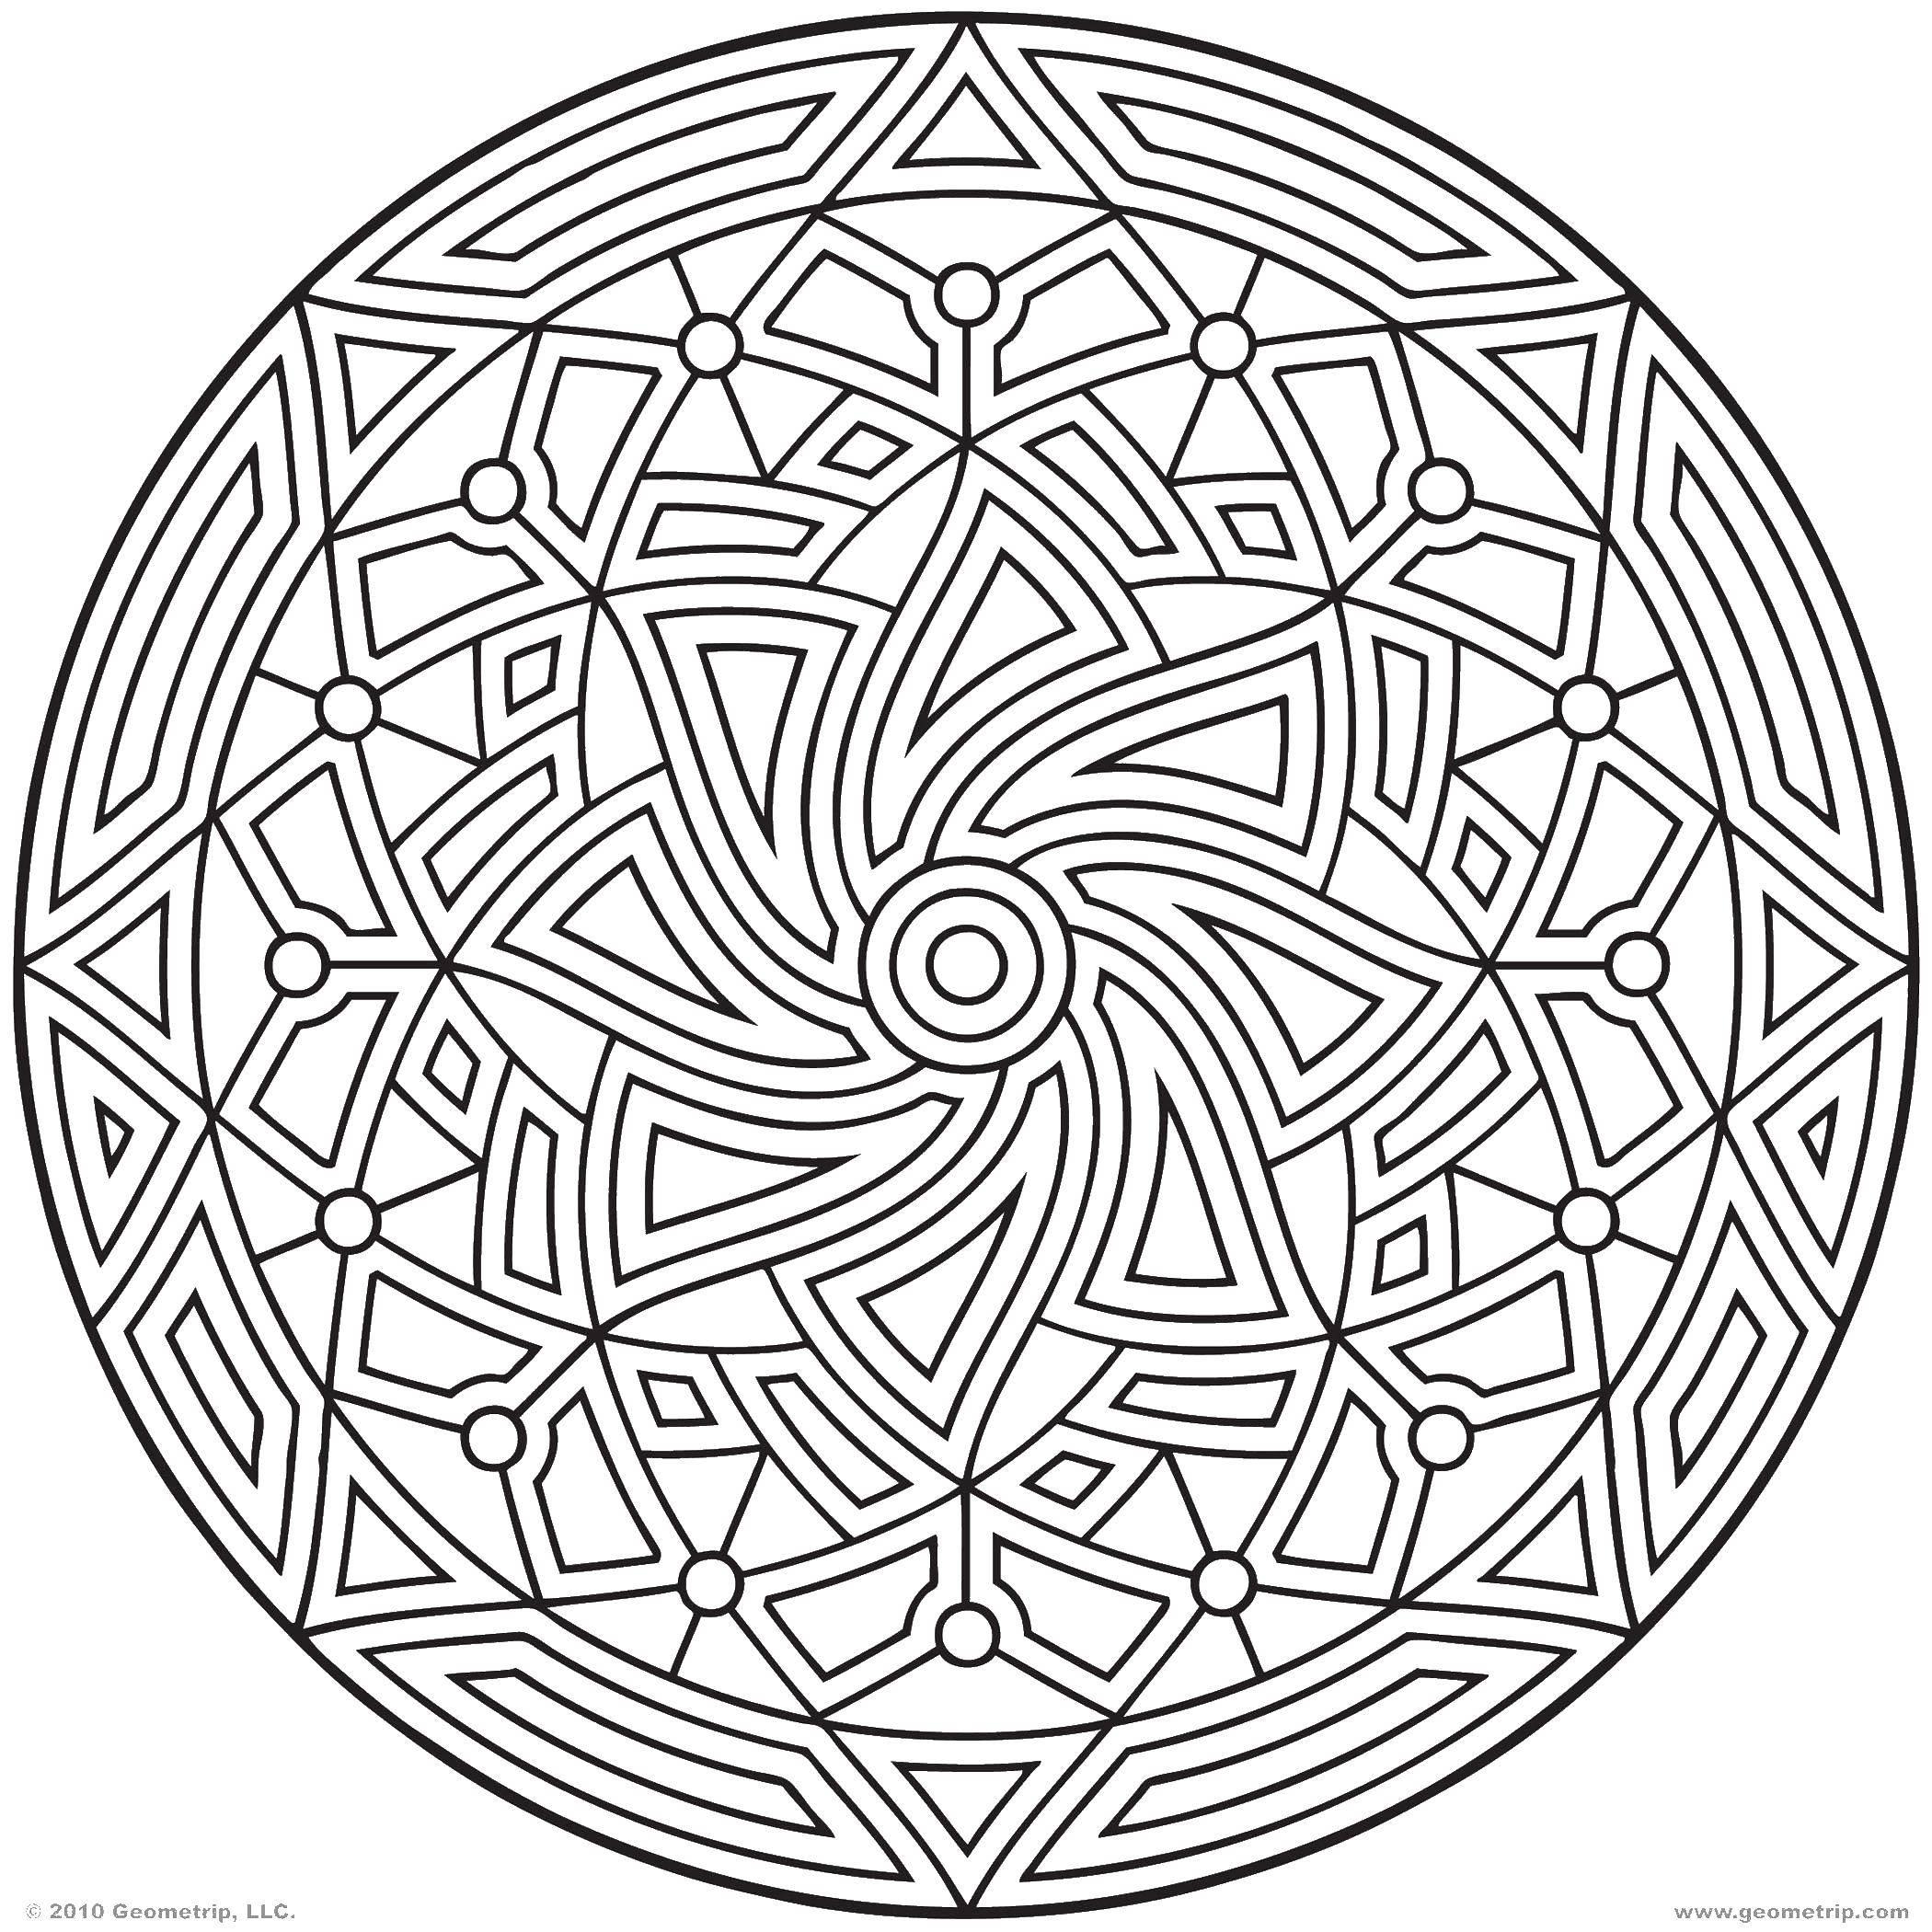 Раскраски Узоры, Раскраска Геометрические узоры на кружке ...